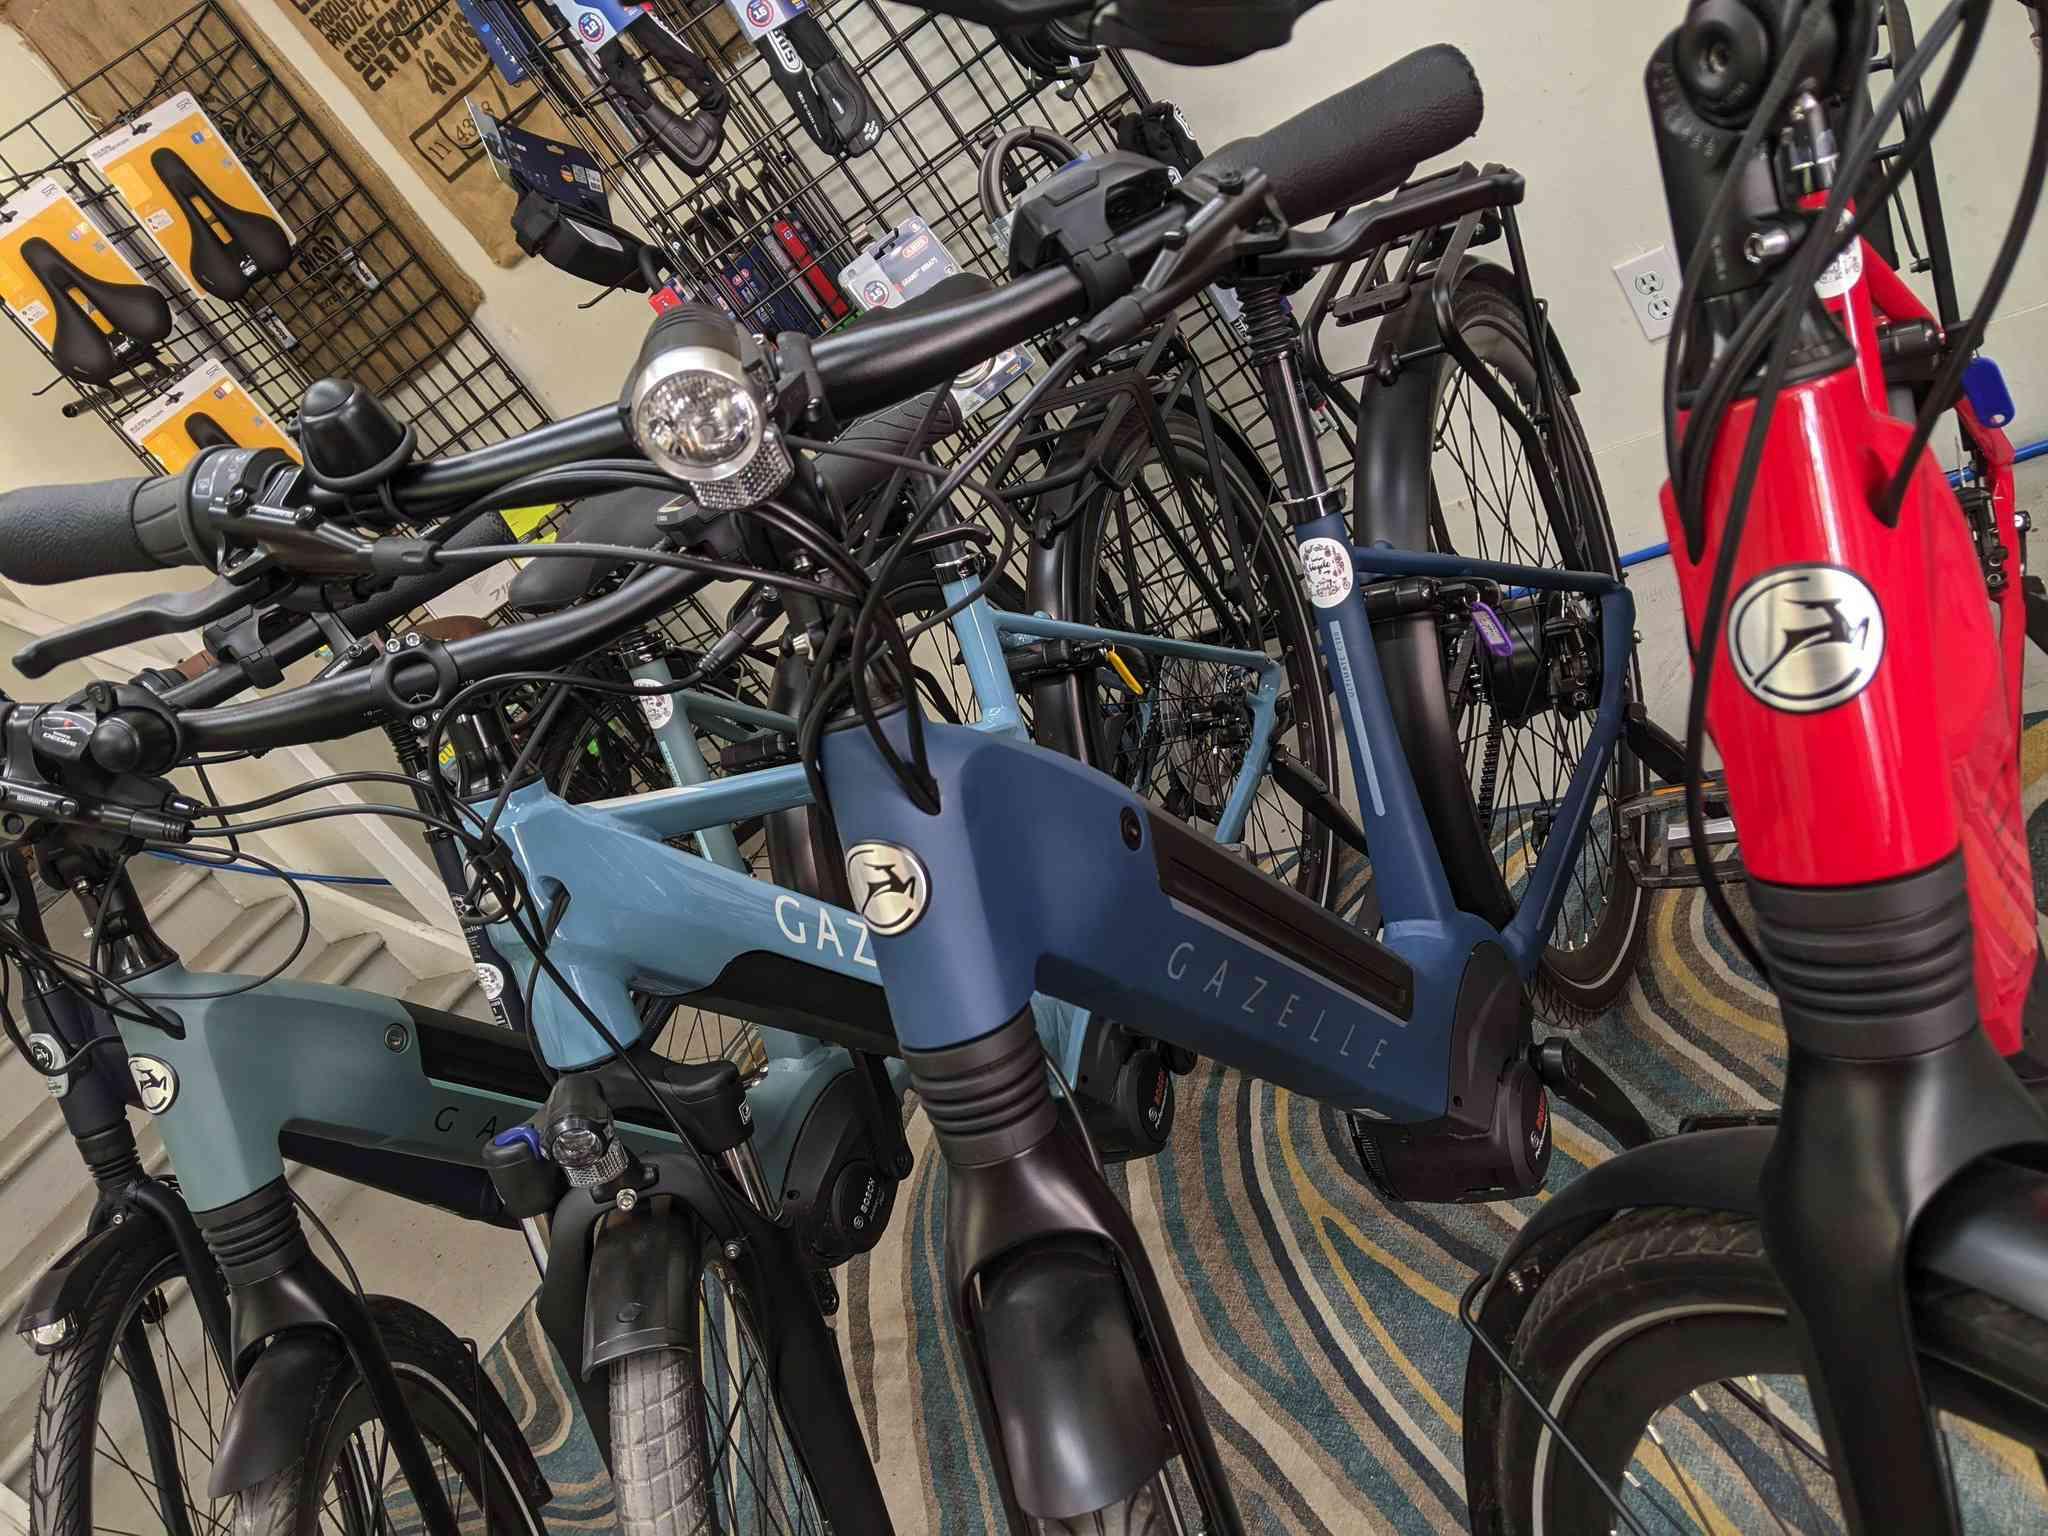 Gazelle bikes in London Ontario